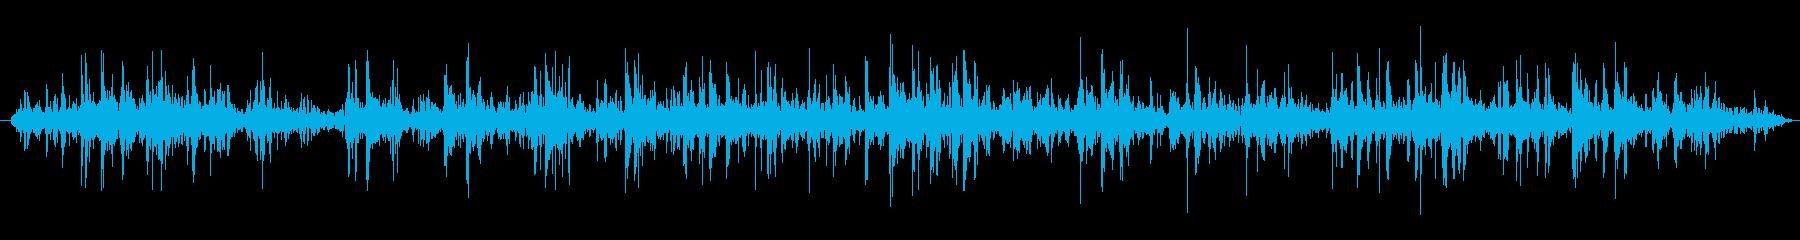 カート 中世のドラッグ01の再生済みの波形